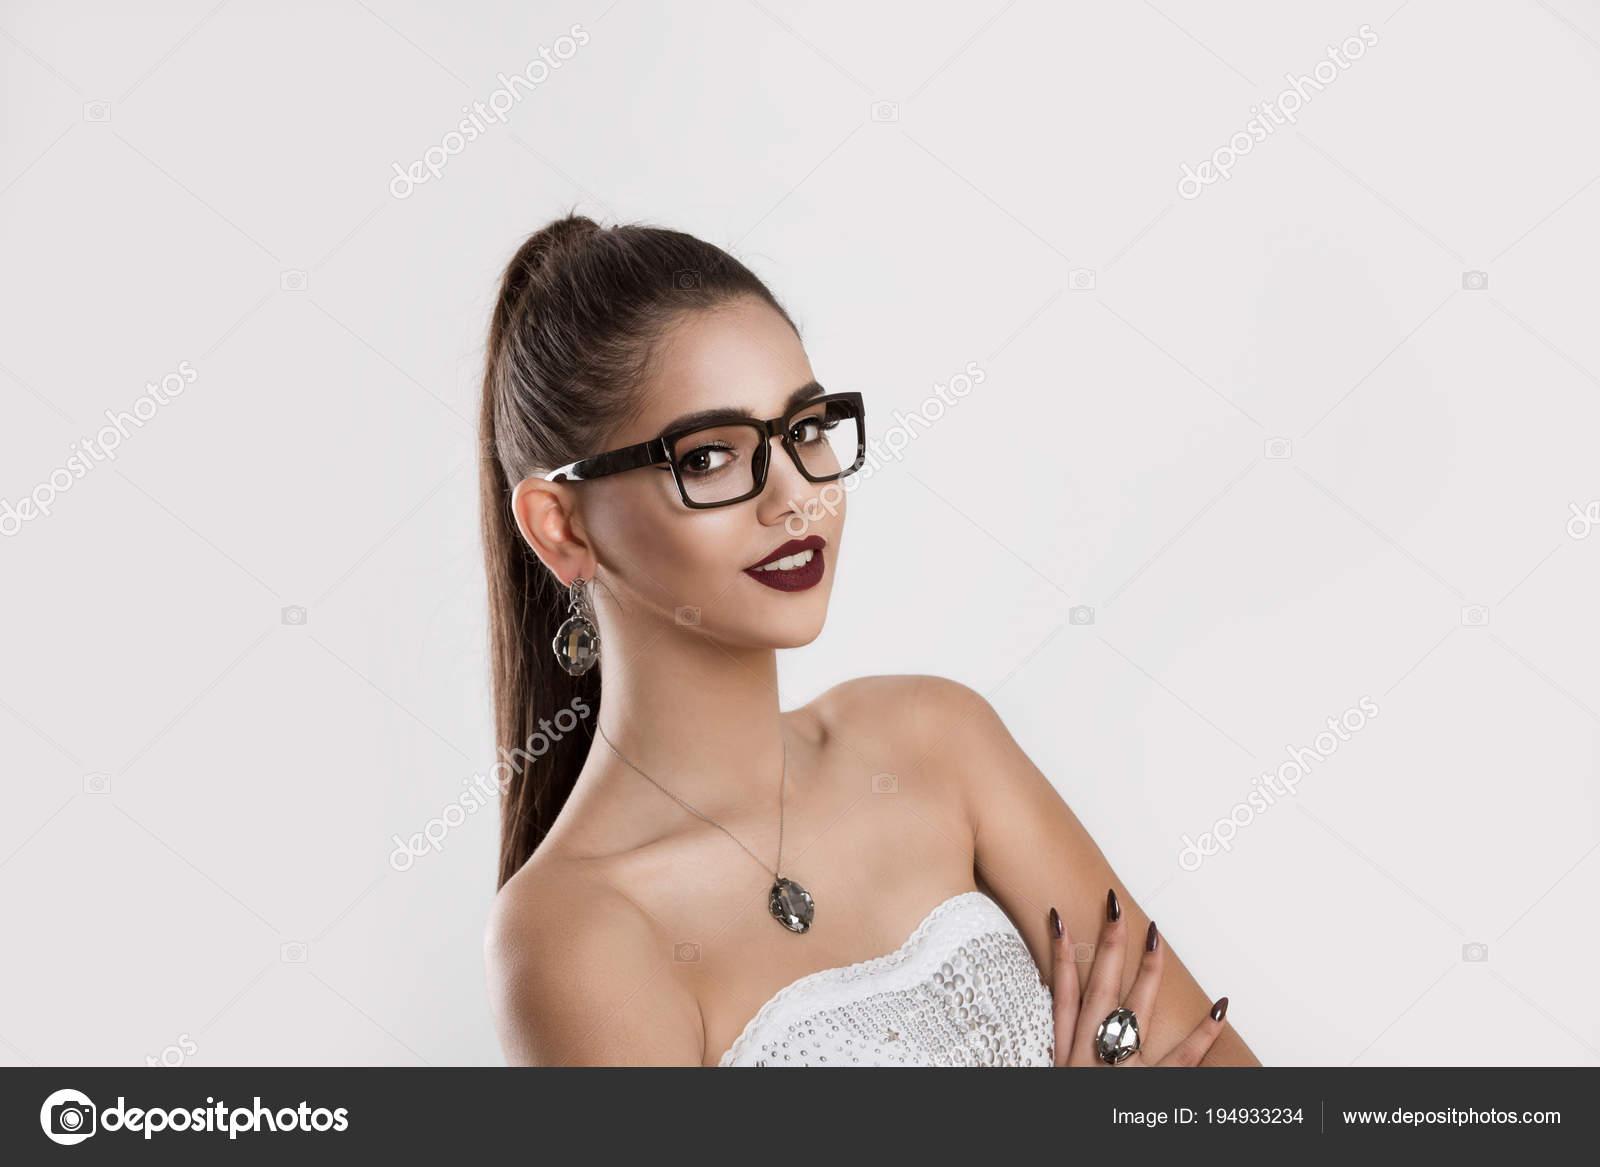 dc86f2df16b57d Een zeker vrouw die lacht — Stockfoto © HBRH  194933234